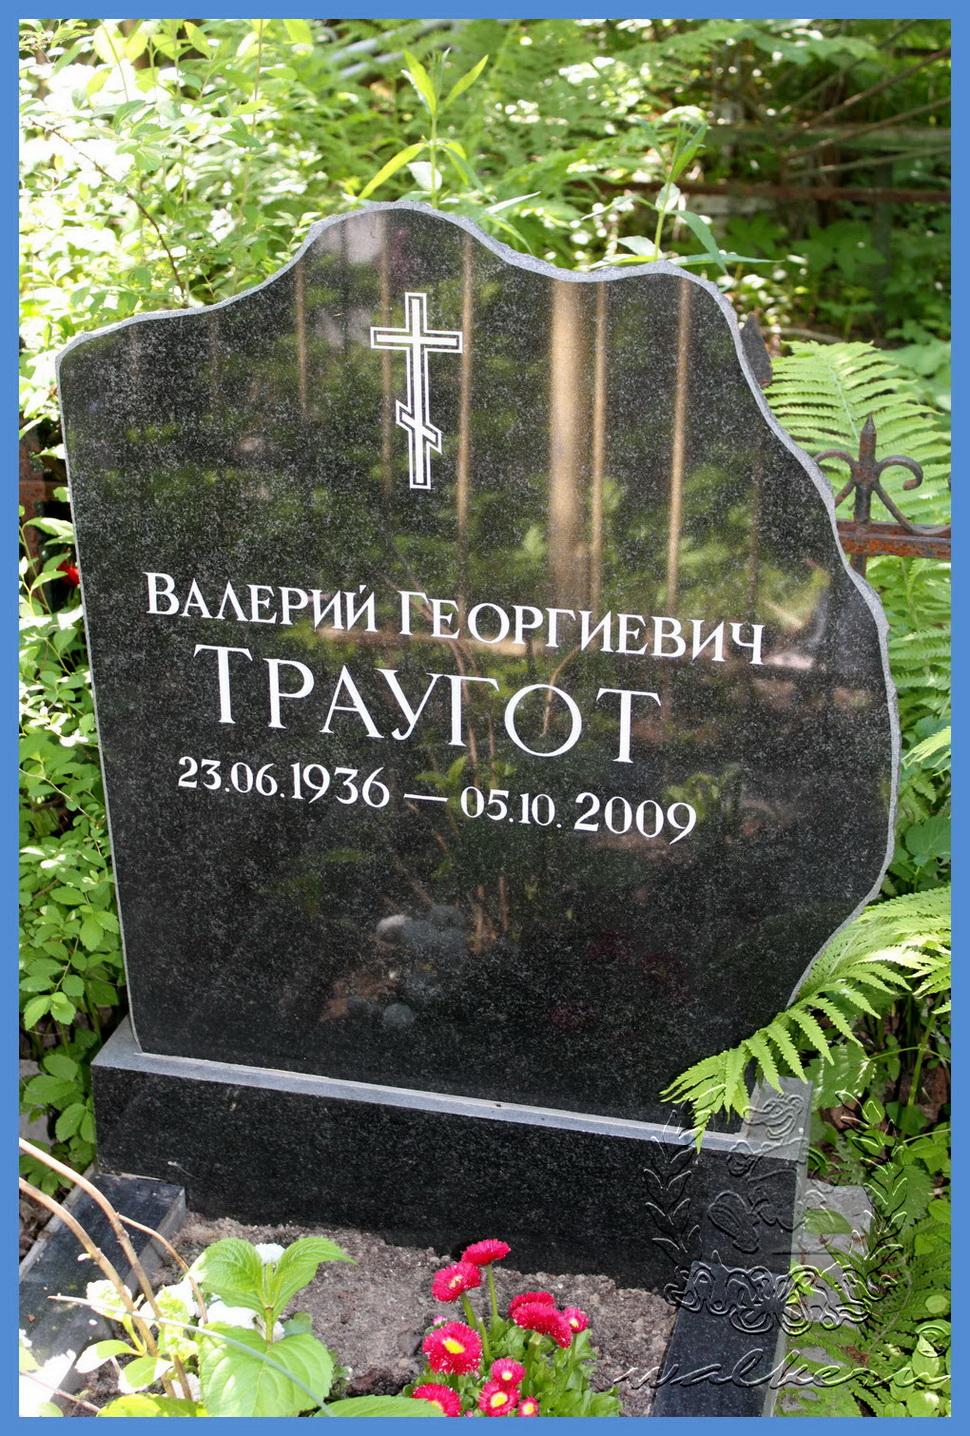 Траугот Валерий Георгиевич